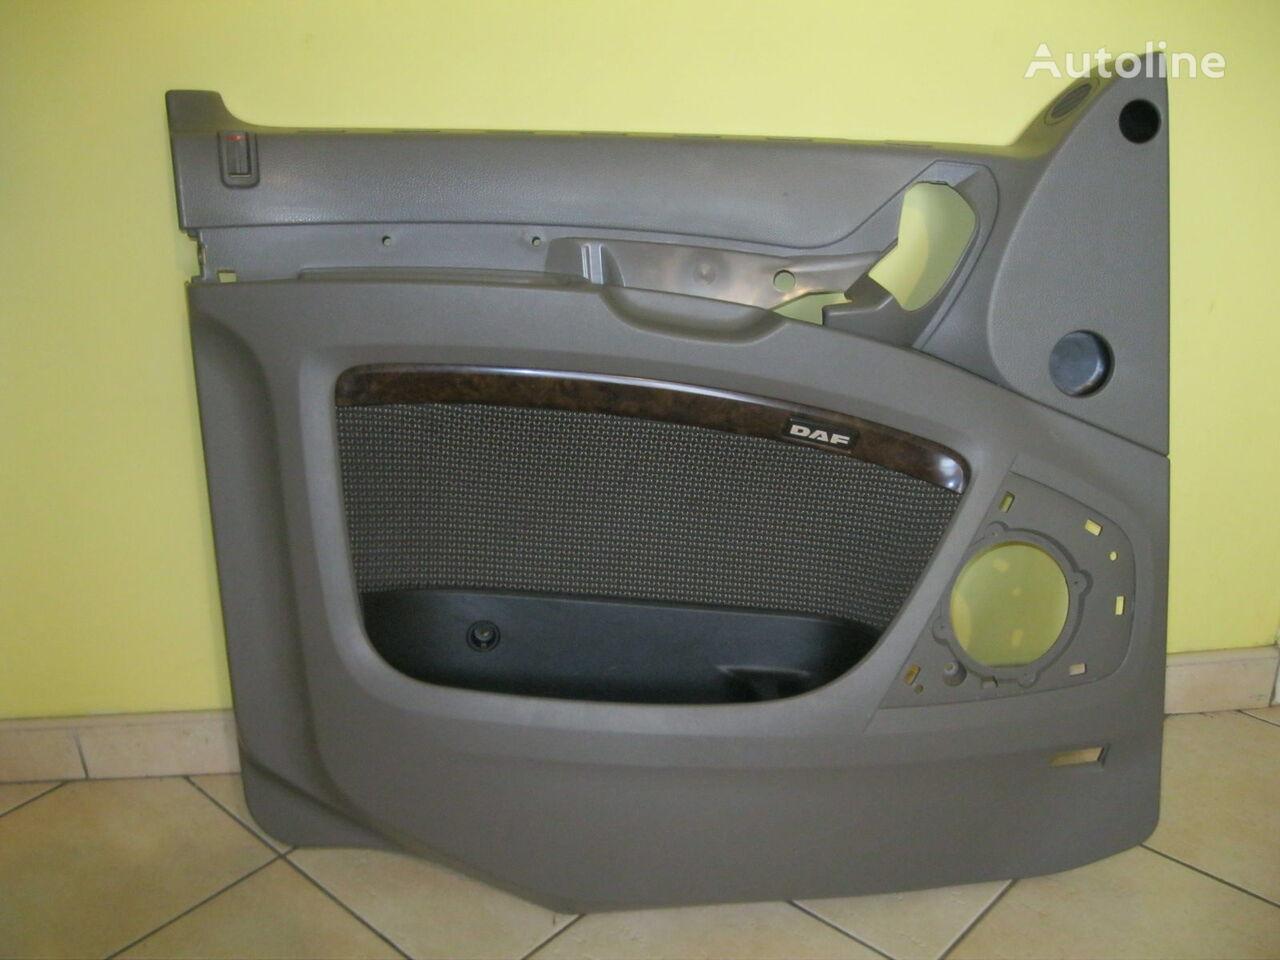 DAF TAPICERKA DRZWI vrata za DAF XF 105 tegljača